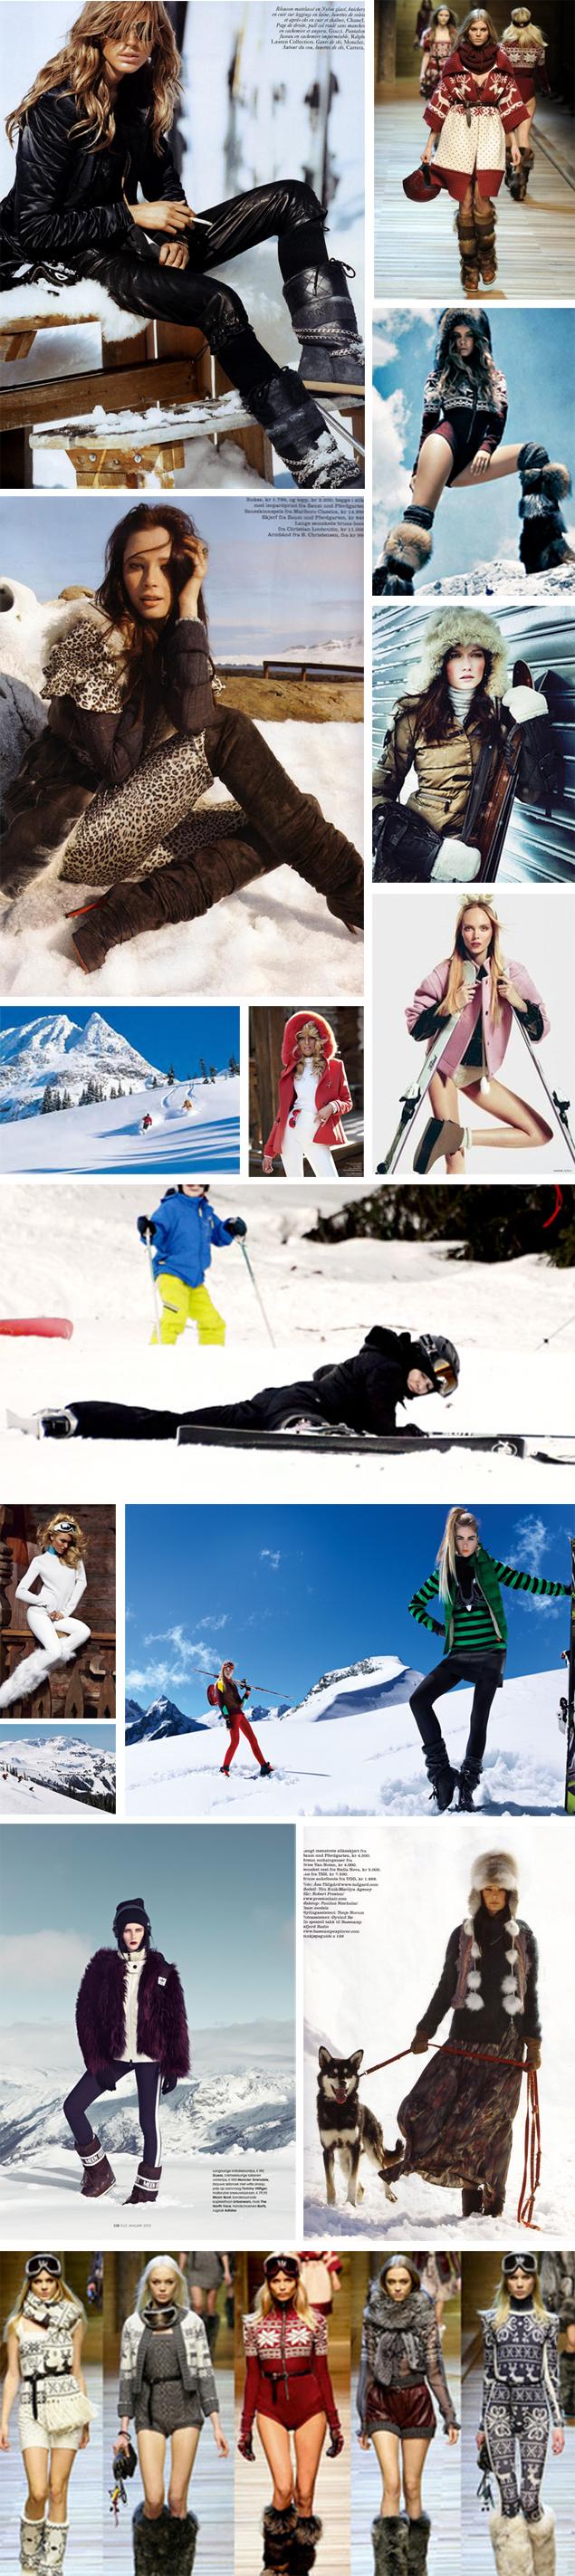 sundance ski style